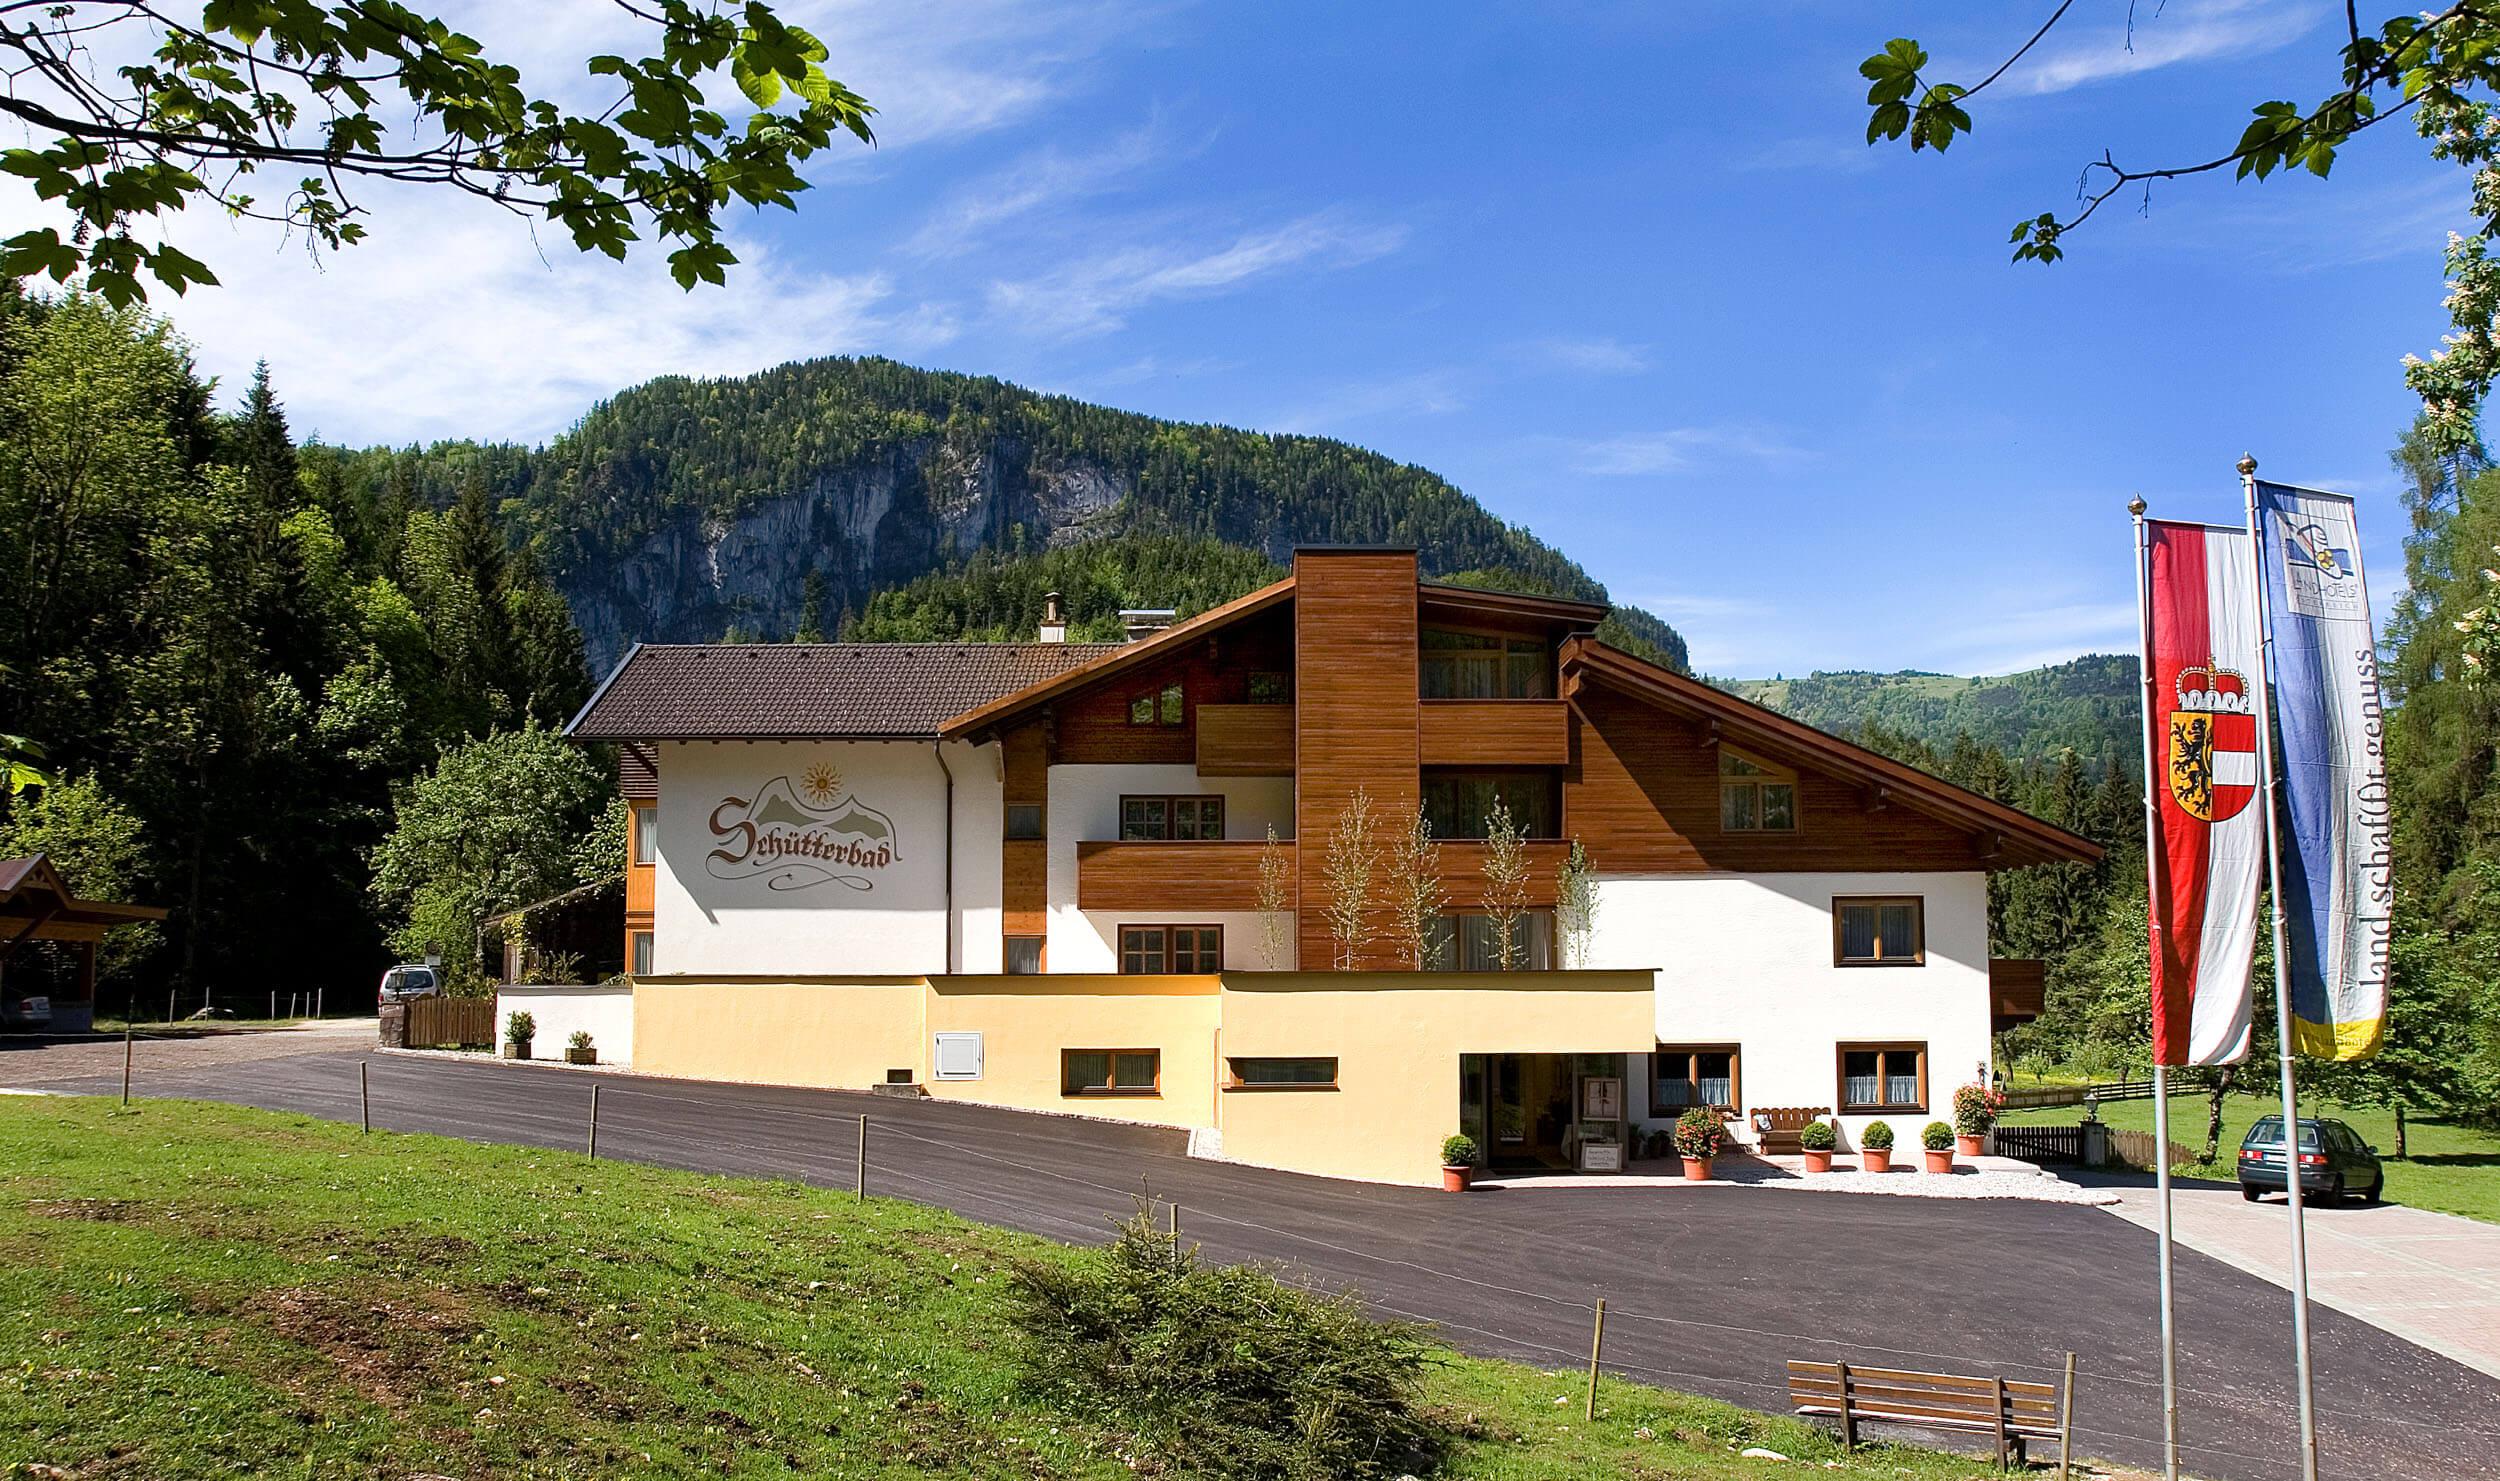 Hotel Schütterbad im Salzburger Saalachtal